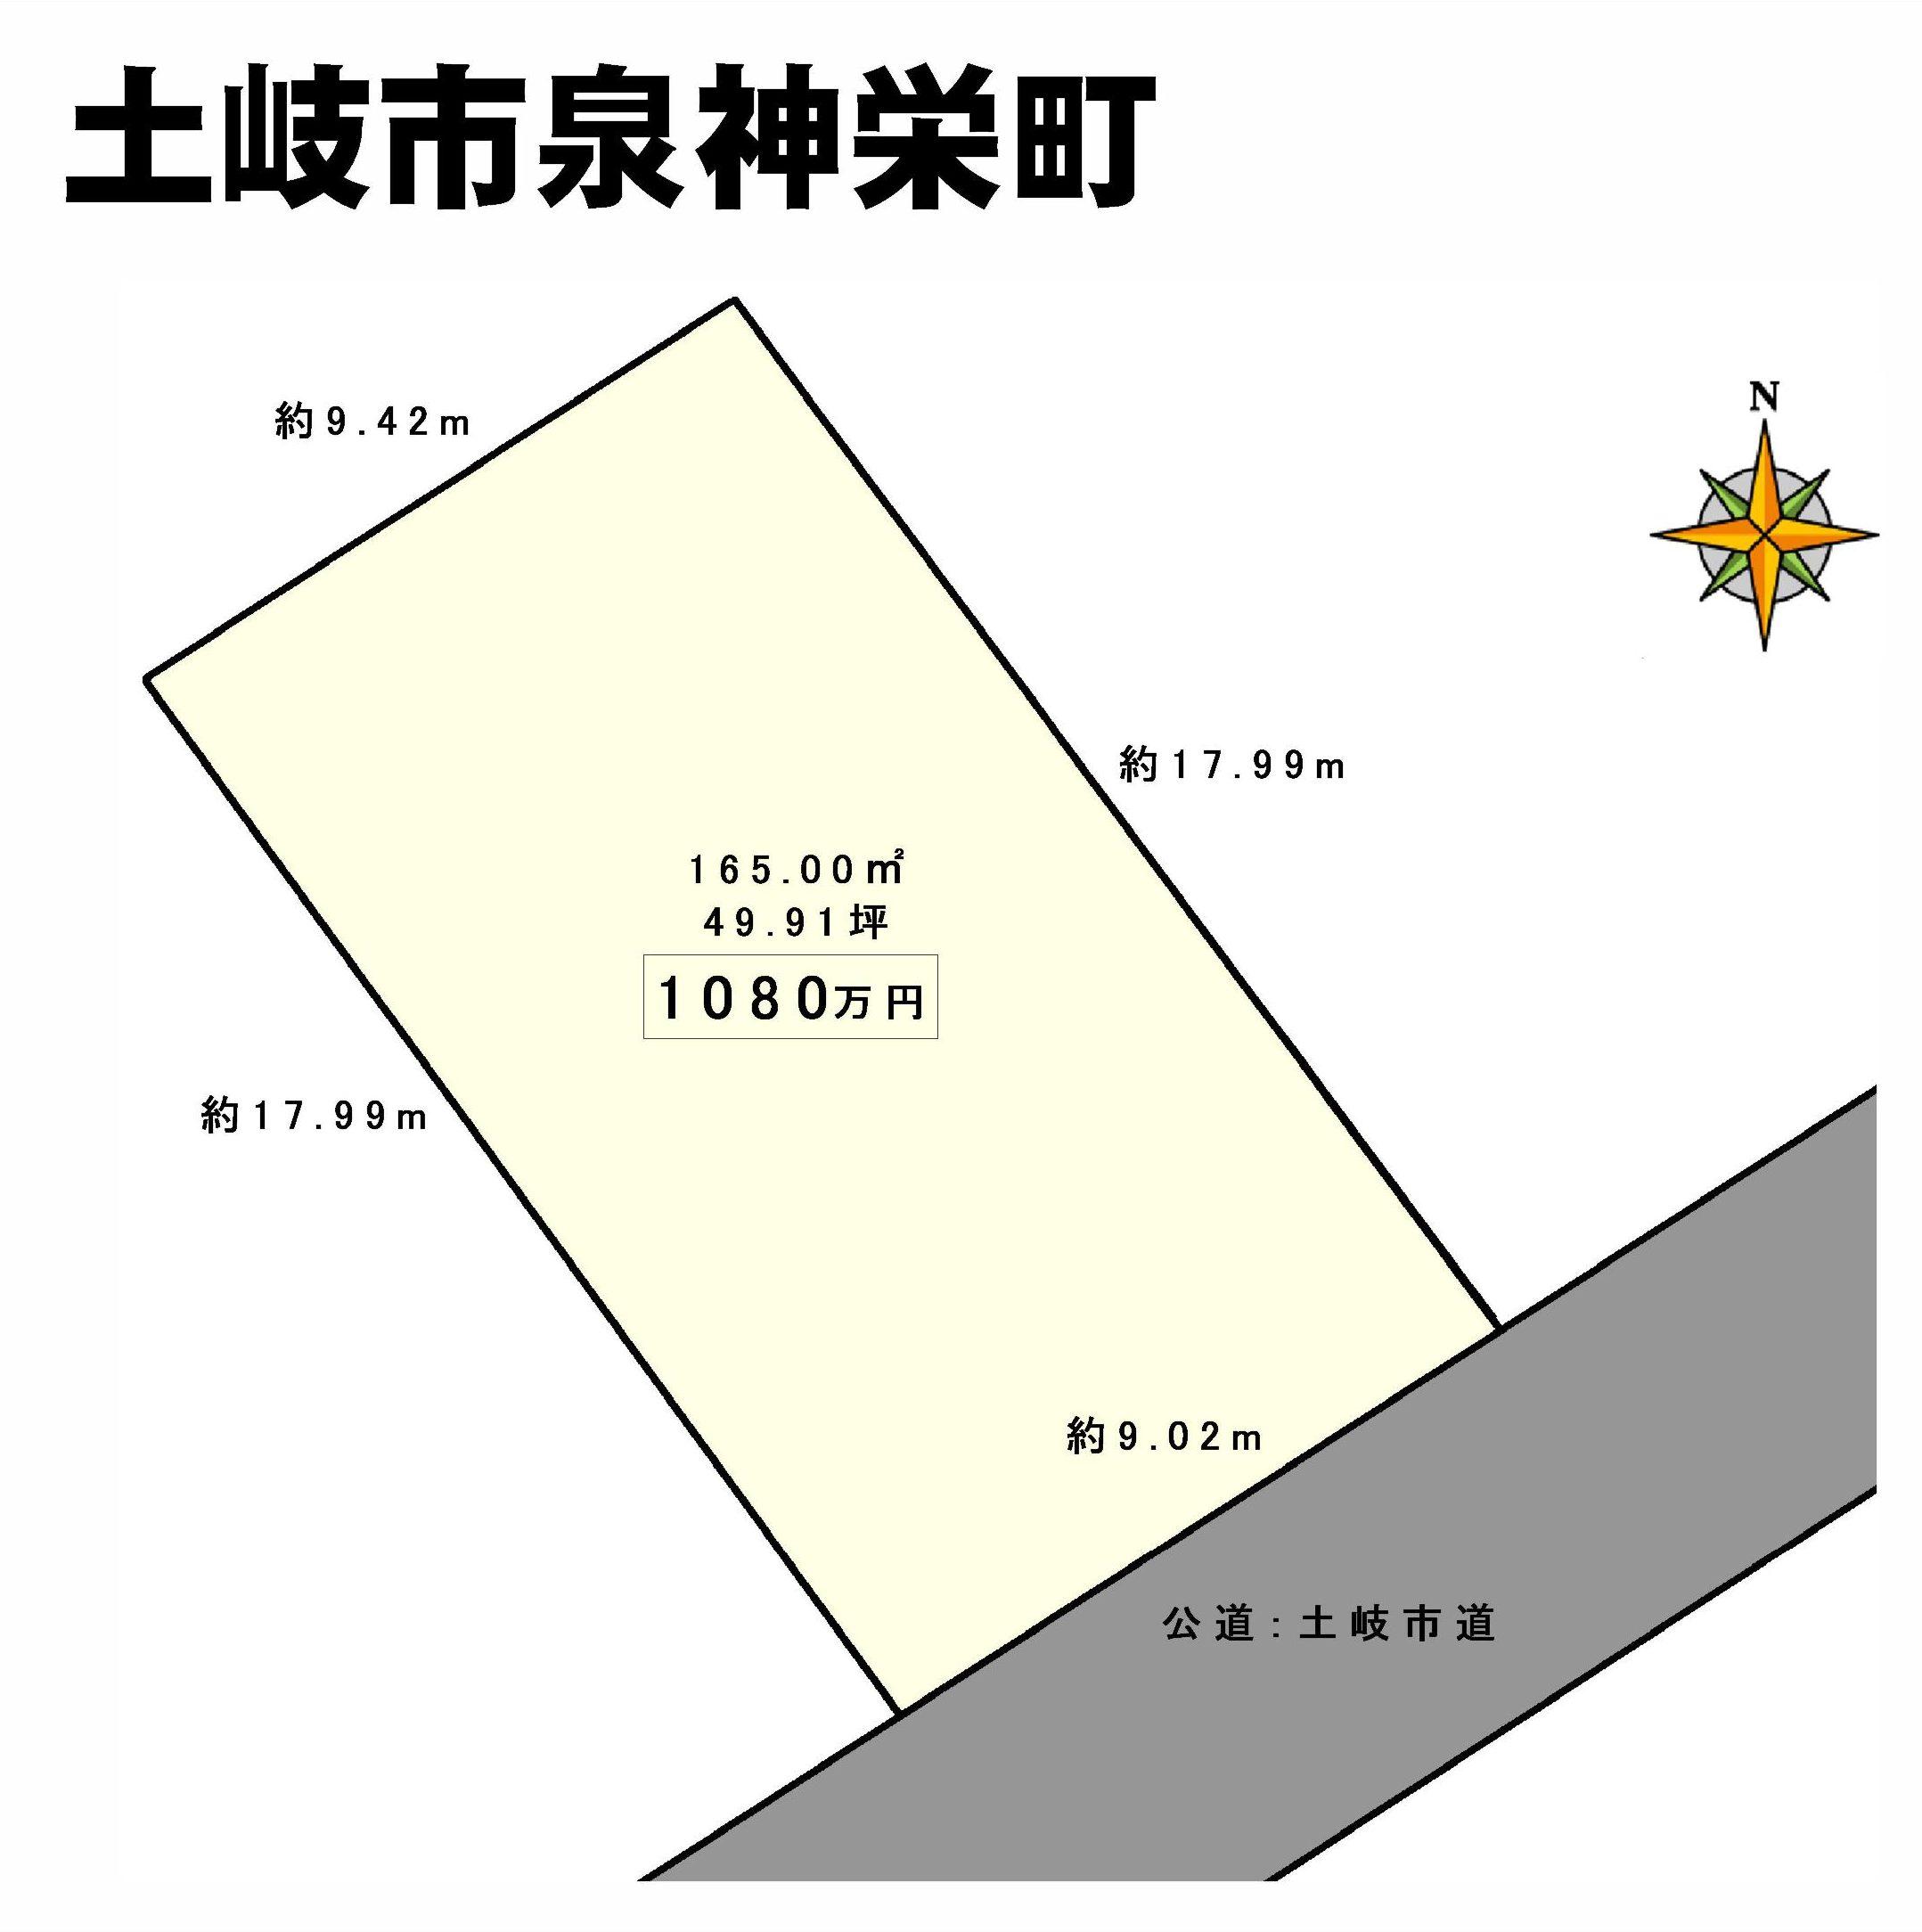 【1区画分譲】土岐市泉神栄町の土地 1区画分譲 建築条件付き売地